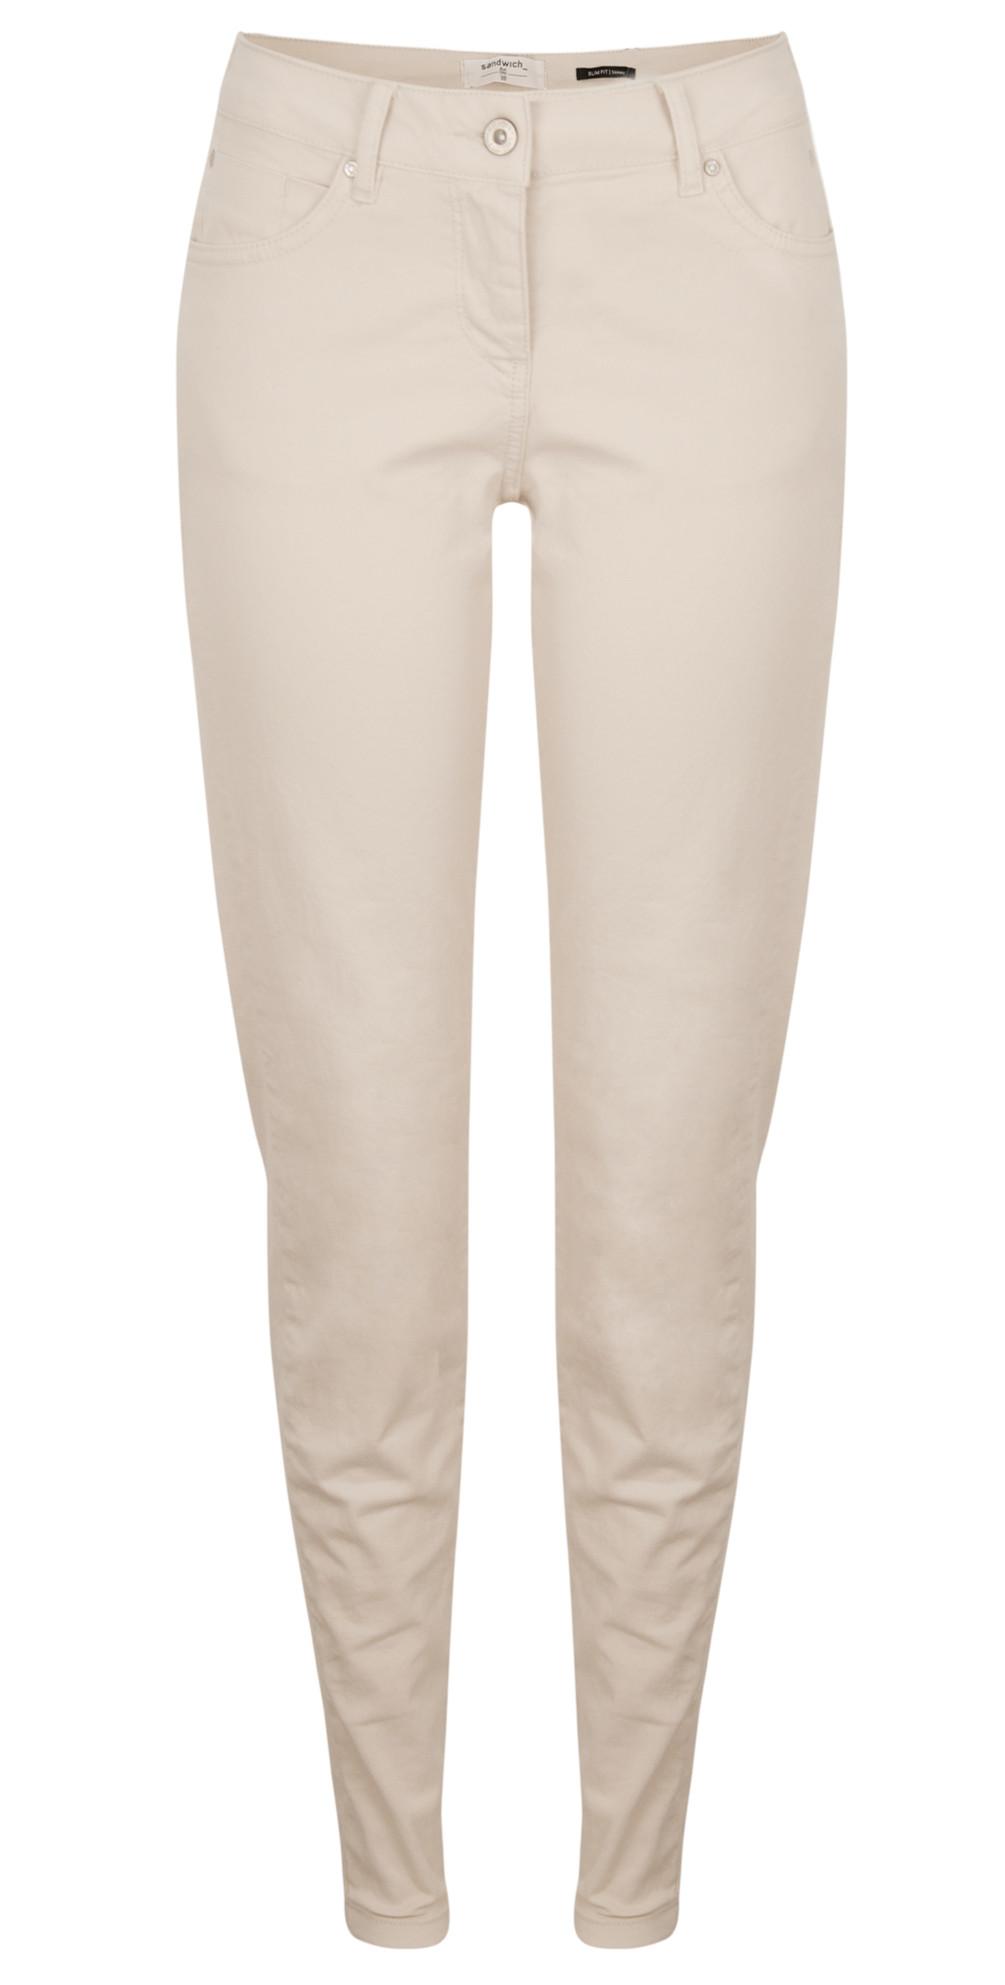 Skinny Antic Dye Pants main image